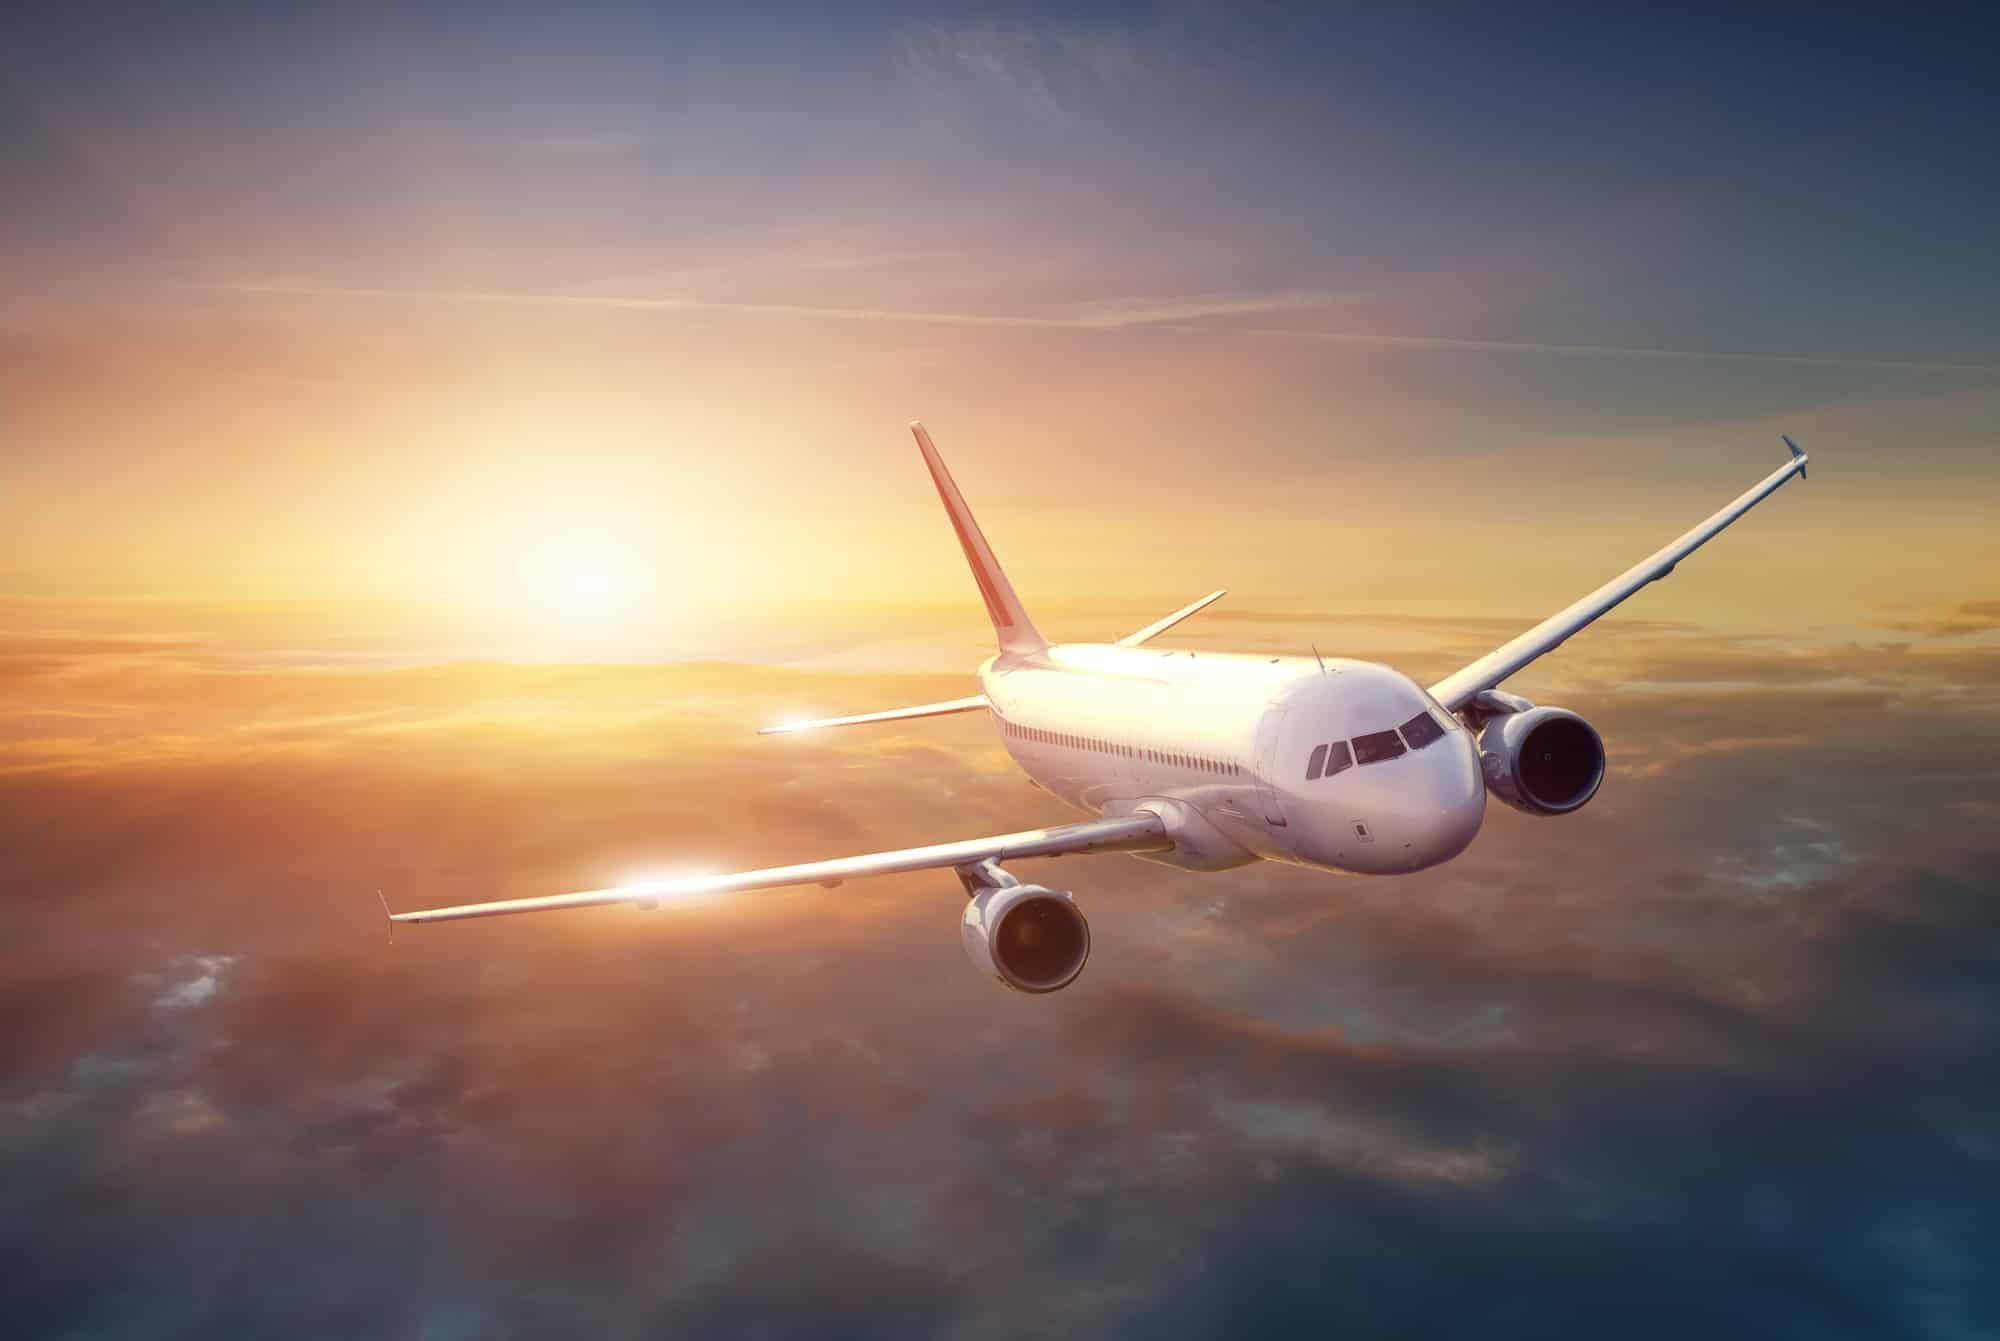 Flugzeug am Himmel bei Sonnenuntergang